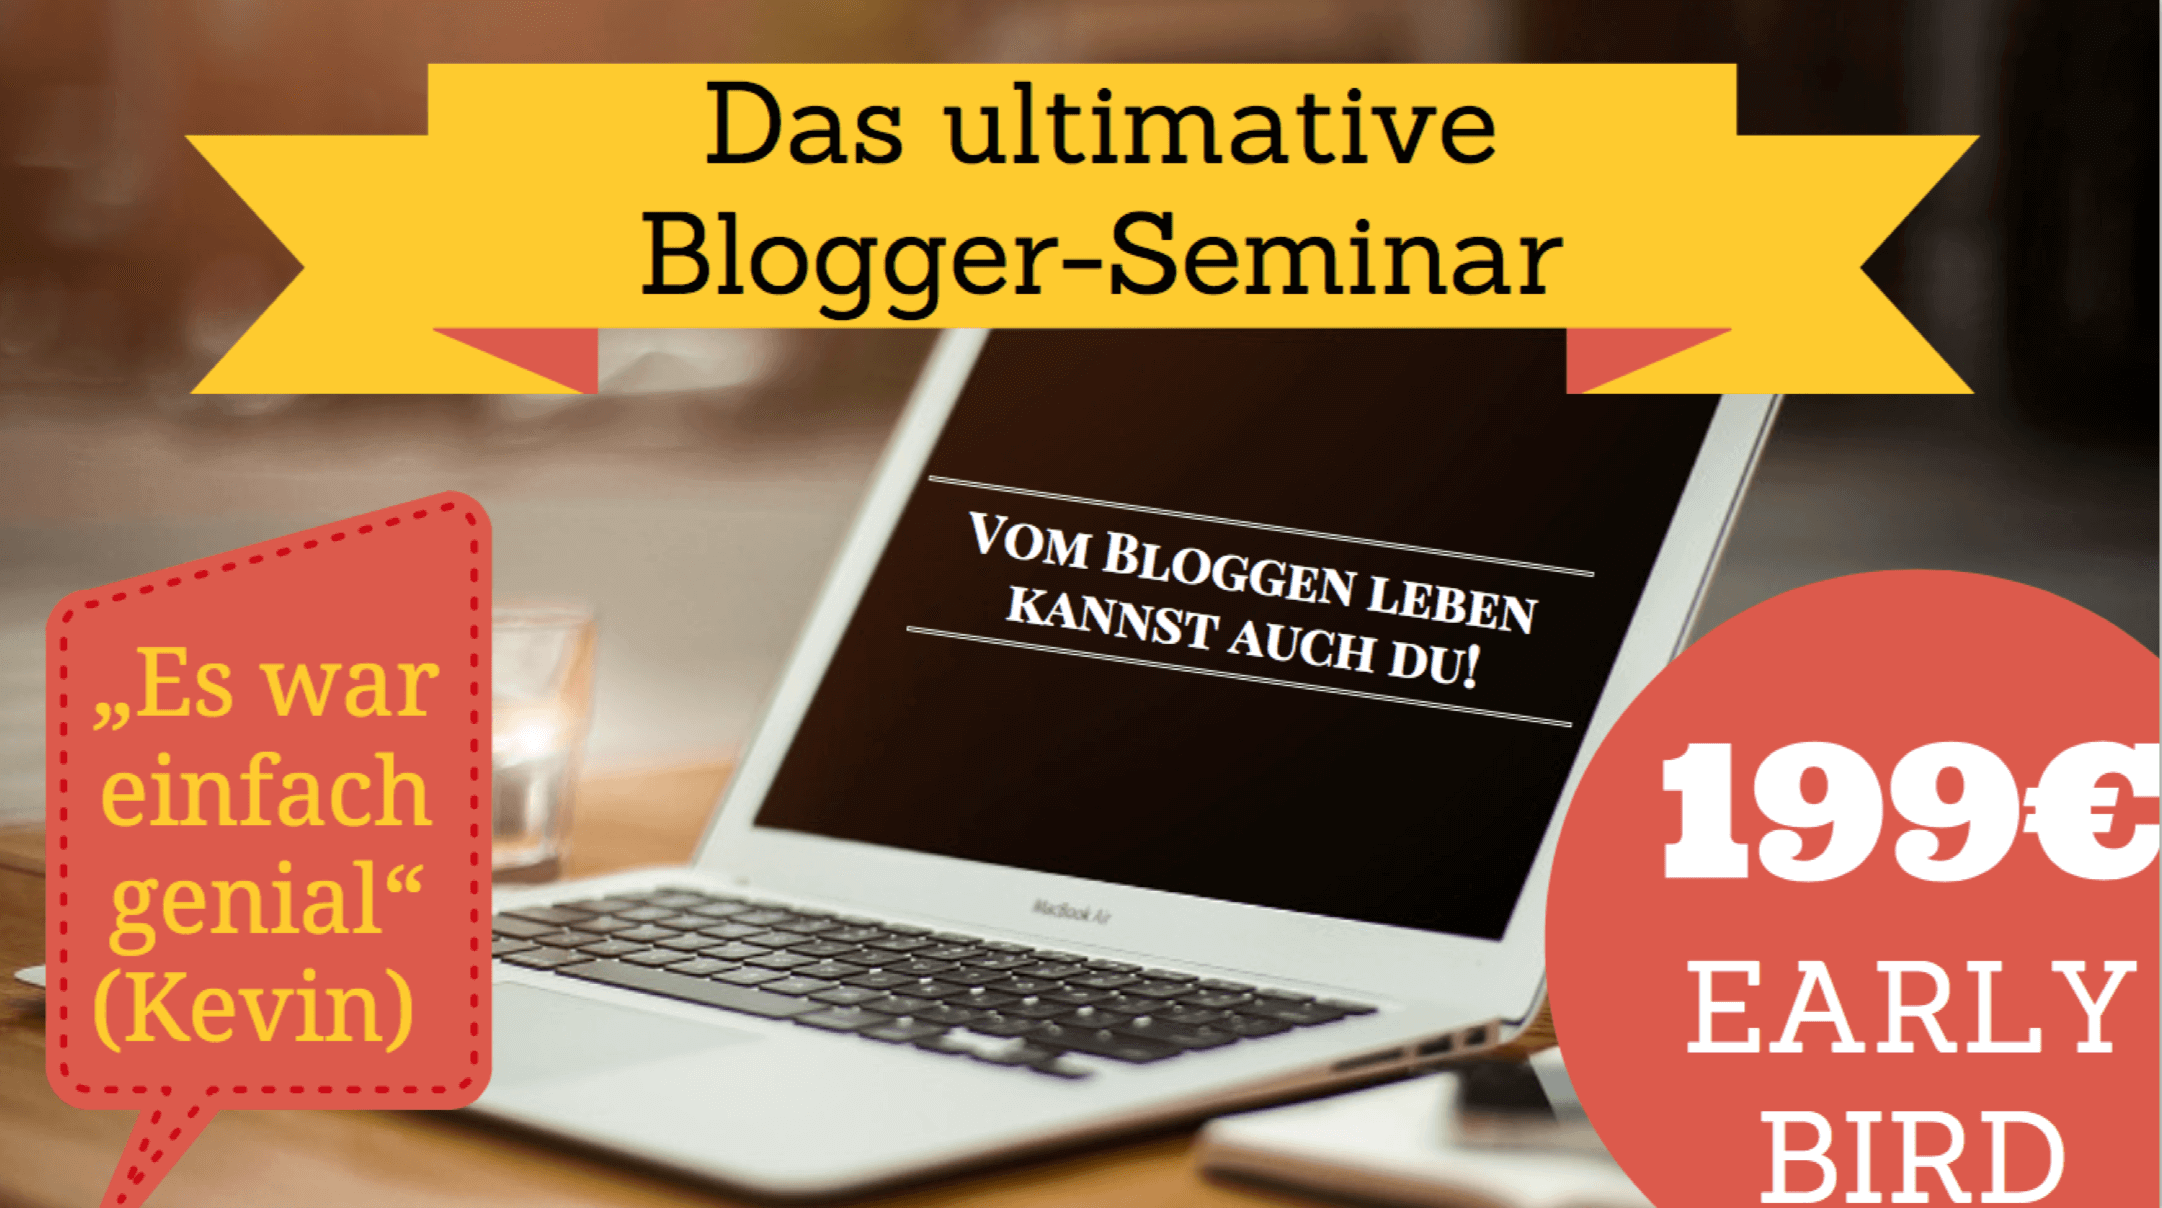 Über Blogger, die Bloggern das Bloggen beibringen